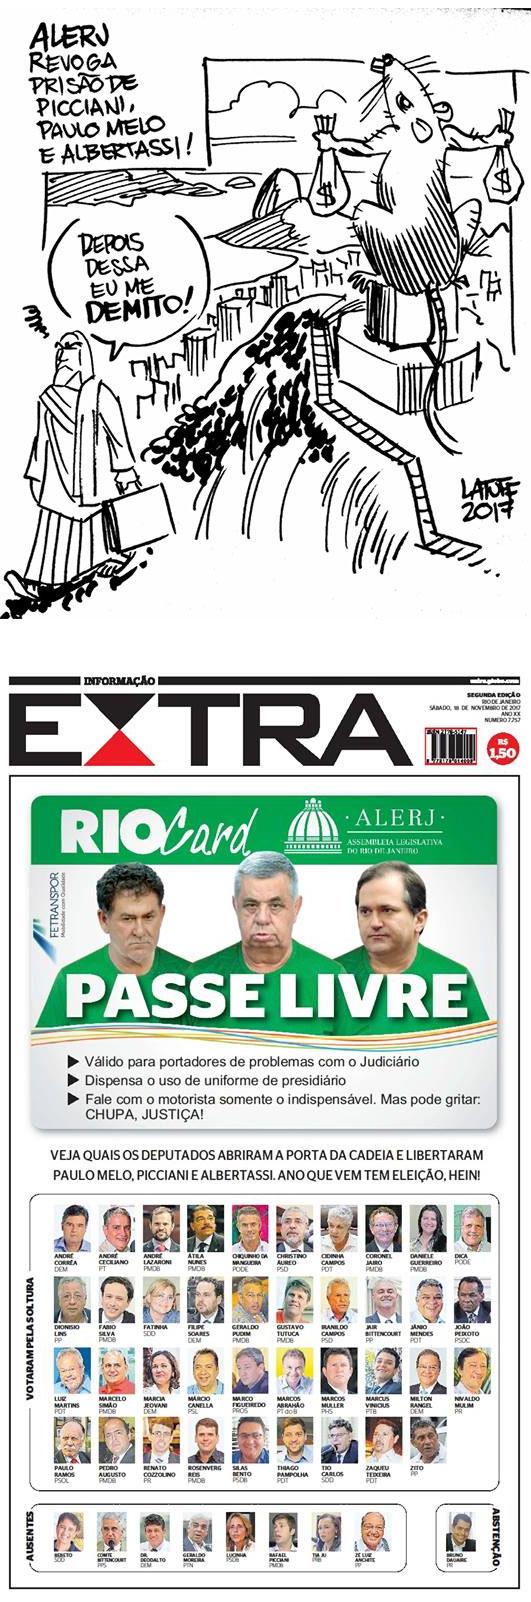 Charge de Latuff e a capa do jornal Extra